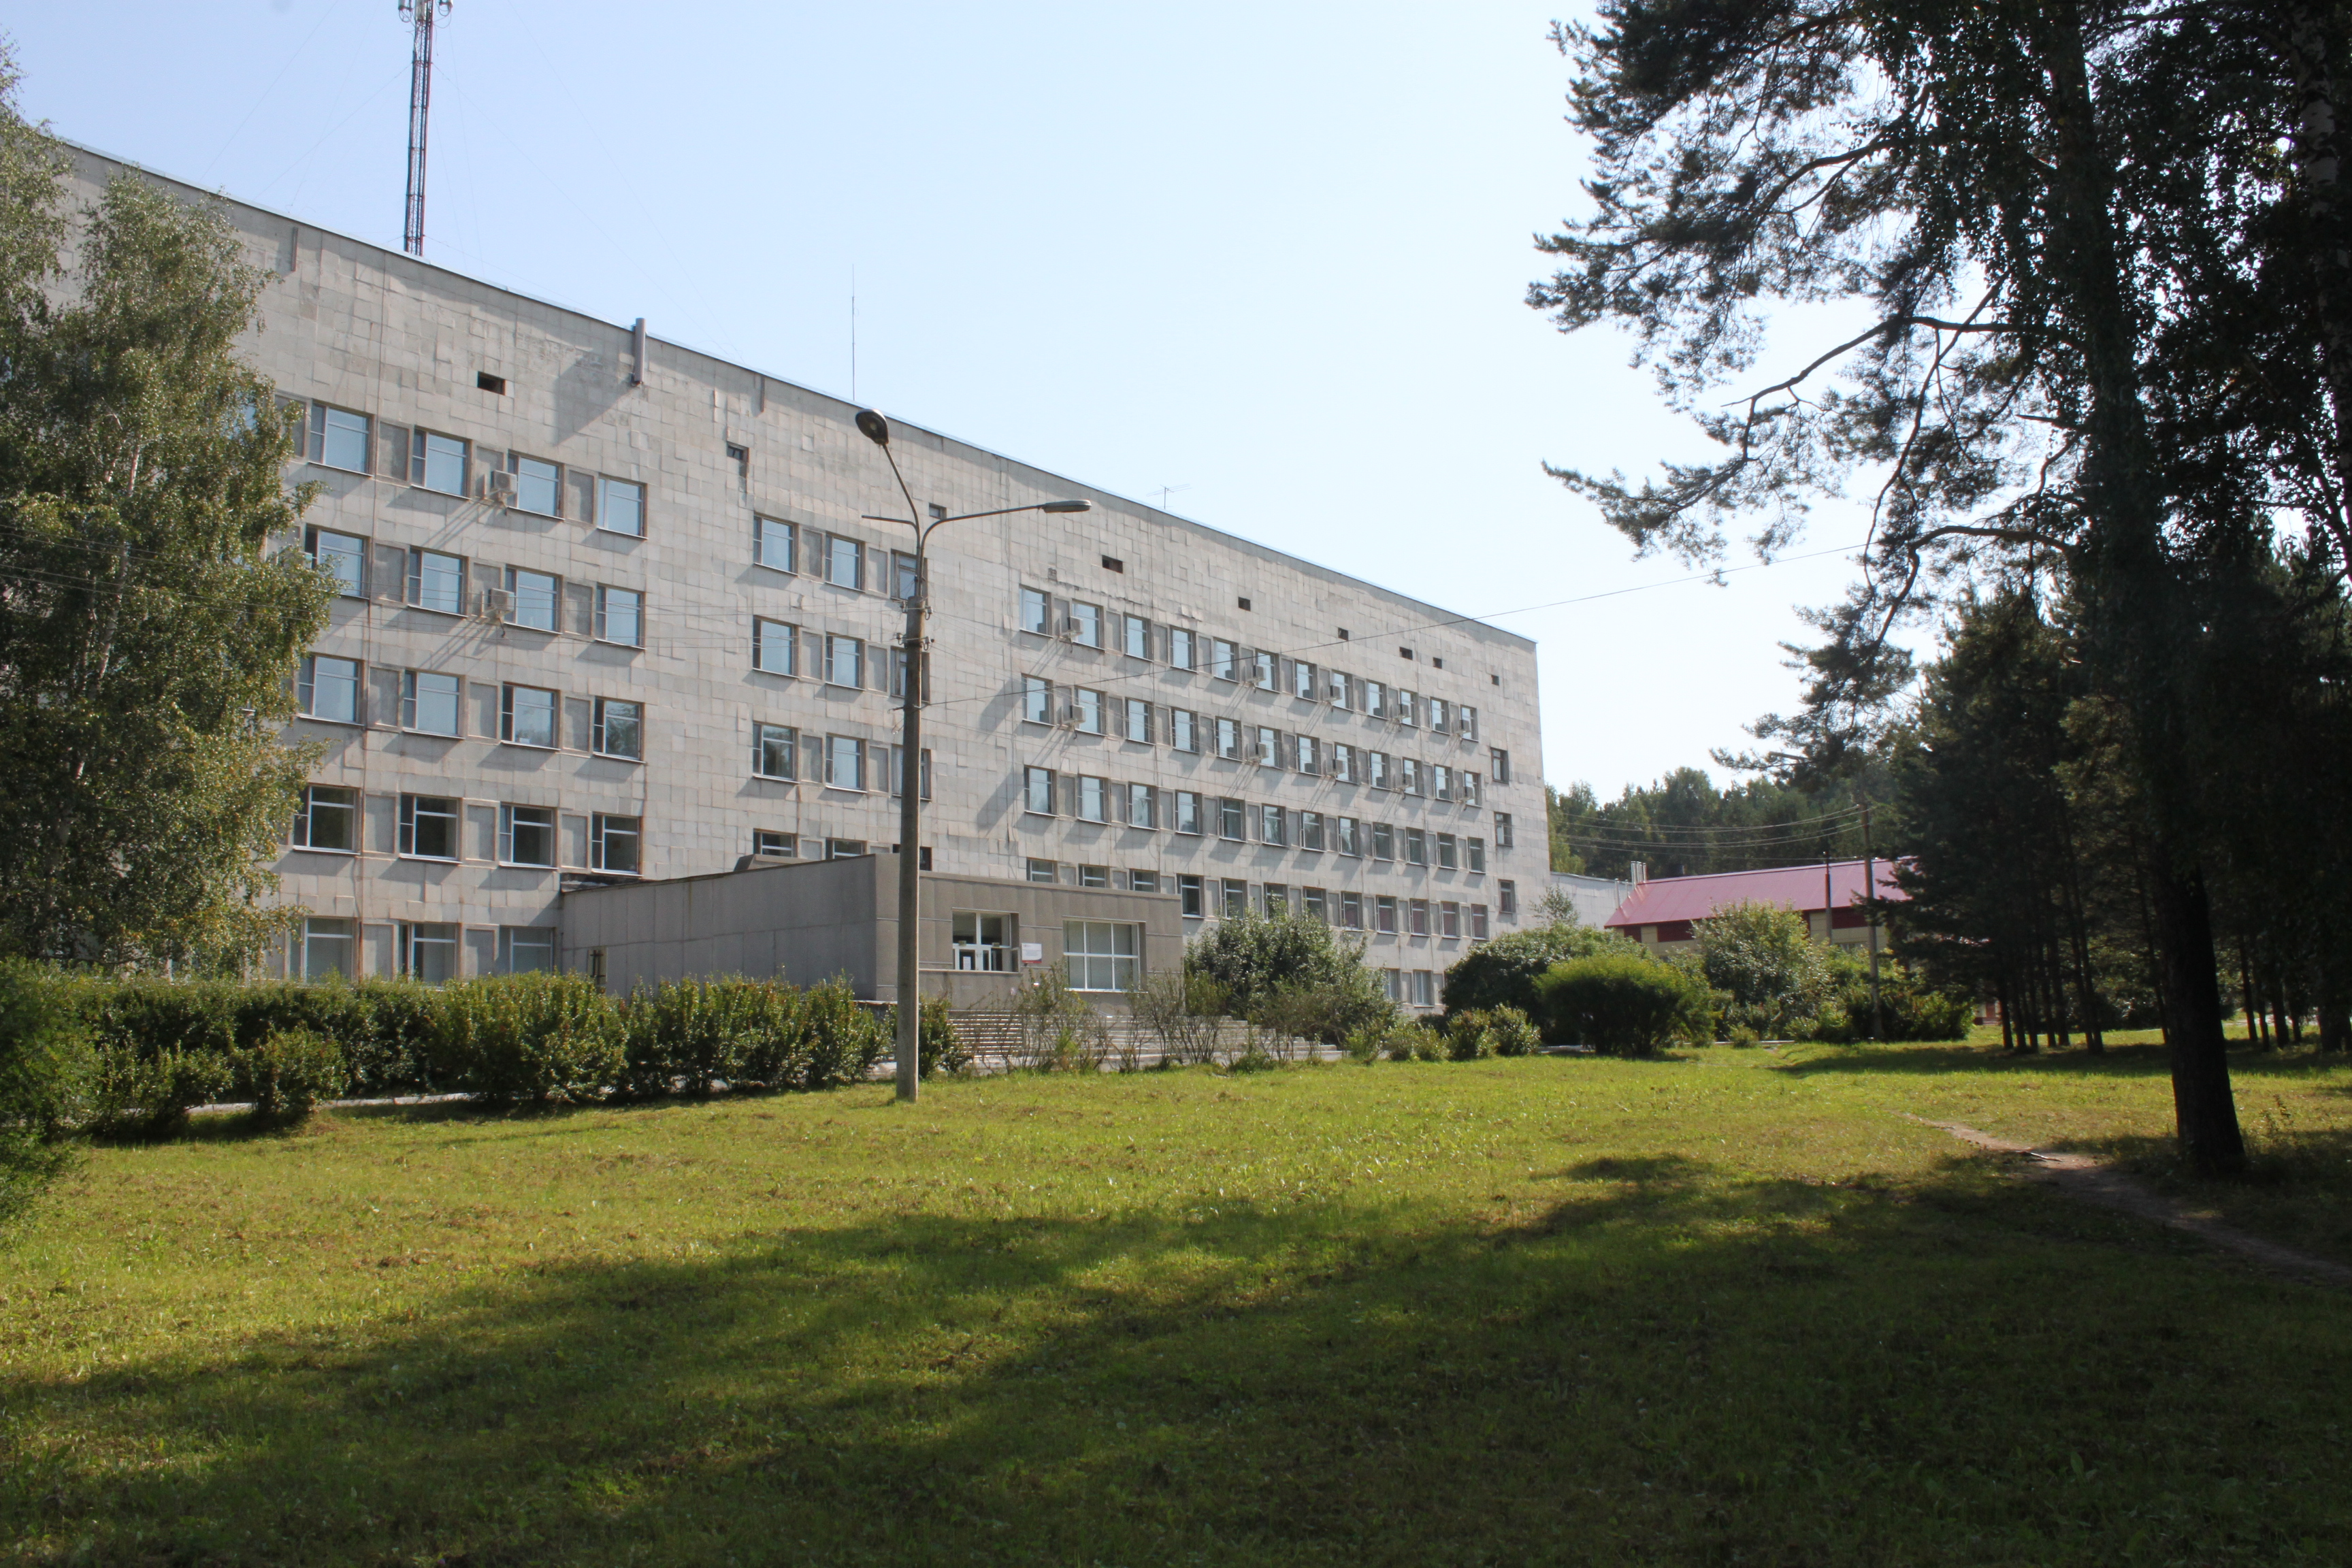 Поликлиники красноярска поликлиника детская 5